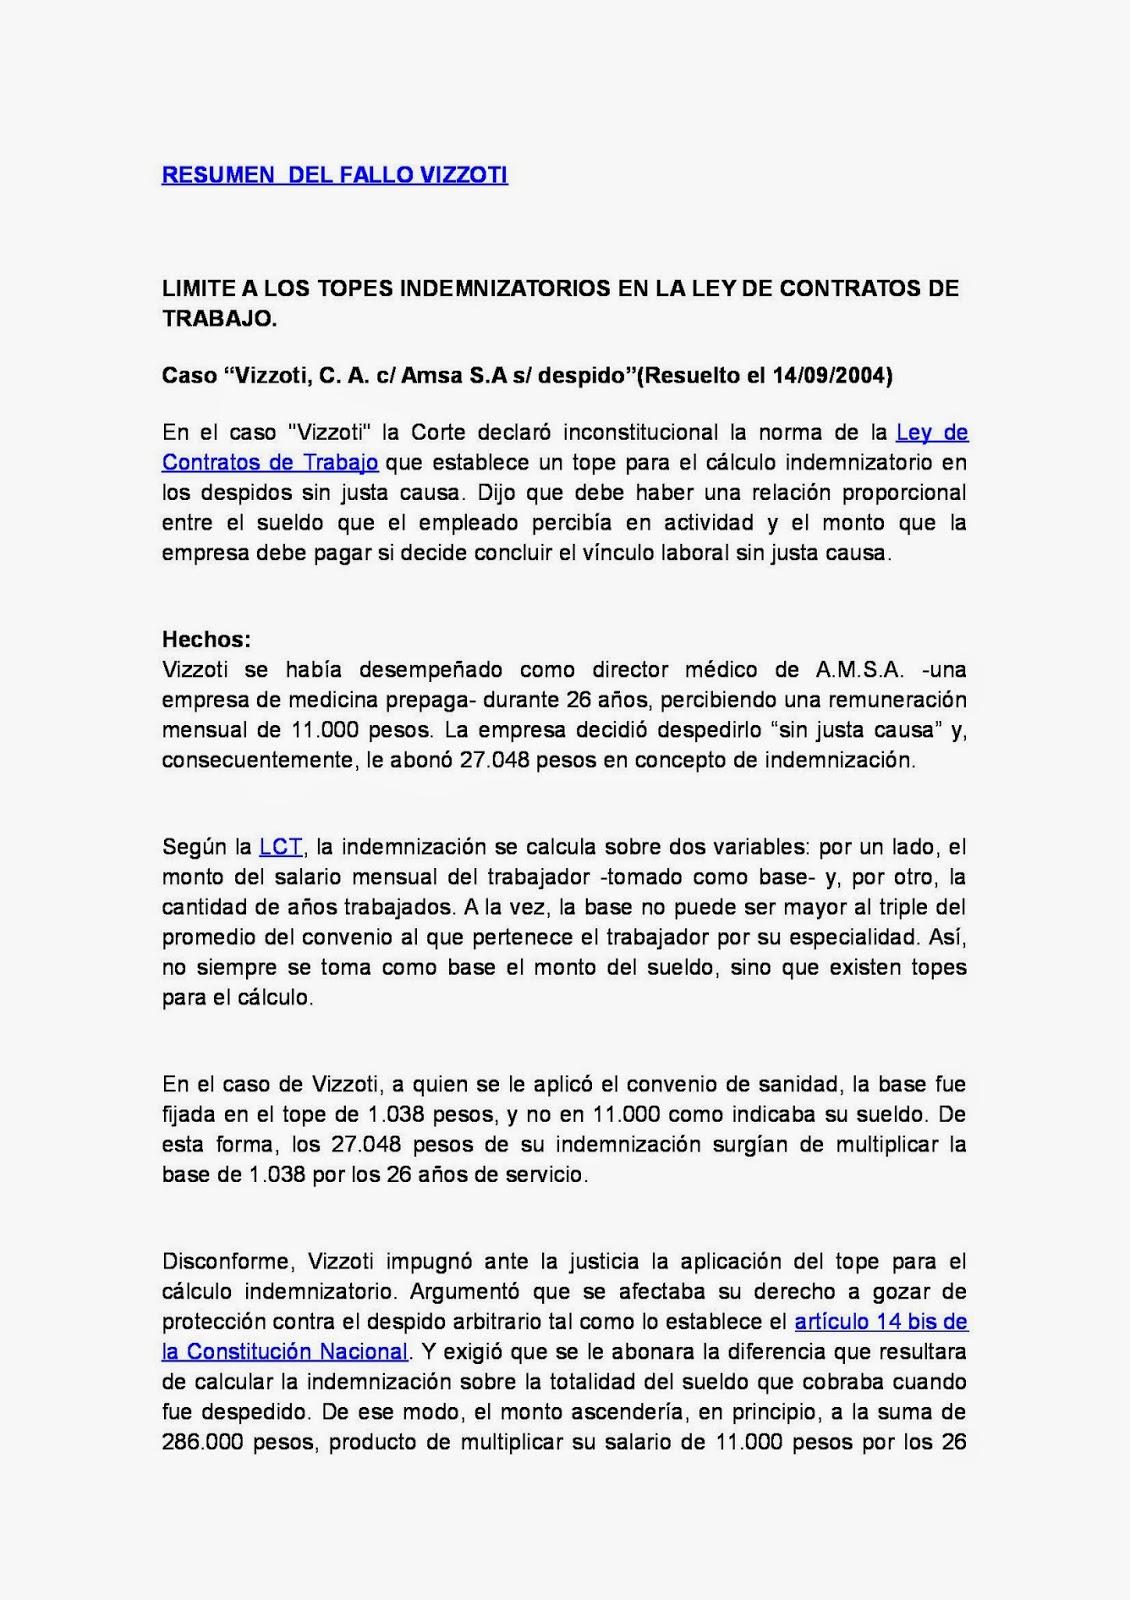 RESUMEN DE FALLOS: Resumen (síntesis) del fallo Vizzoti